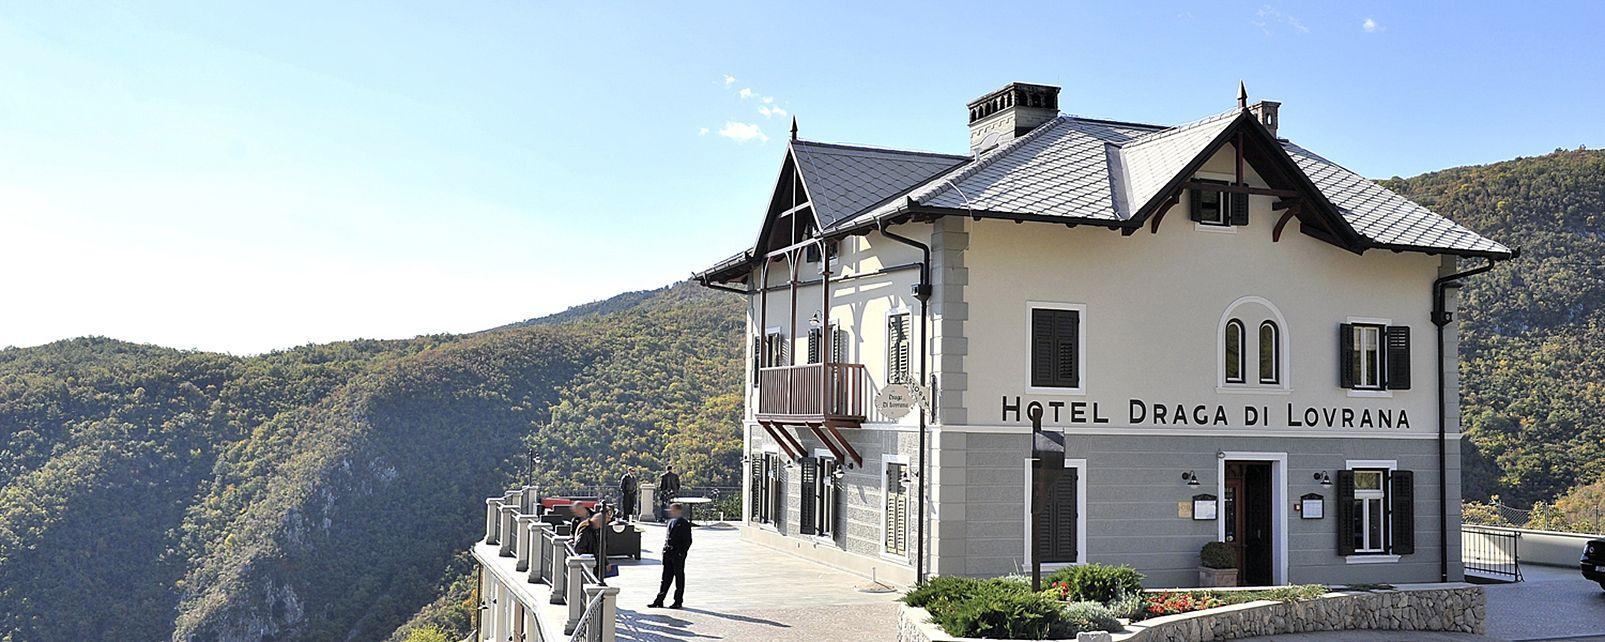 Hôtel Draga Di Lovrana